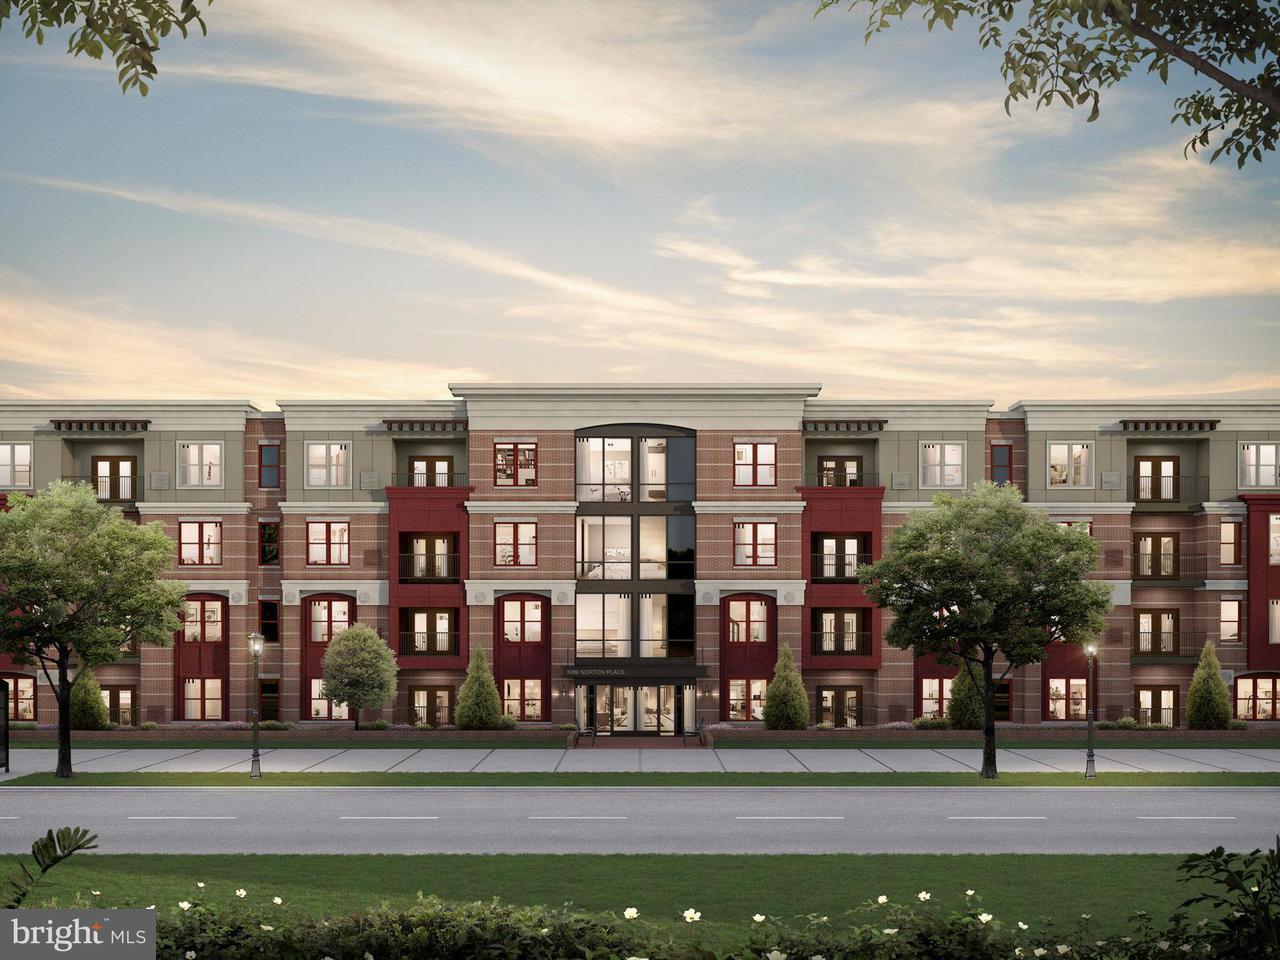 Appartement en copropriété pour l Vente à 3985 NORTON PL #10601 3985 NORTON PL #10601 Fairfax, Virginia 22030 États-Unis